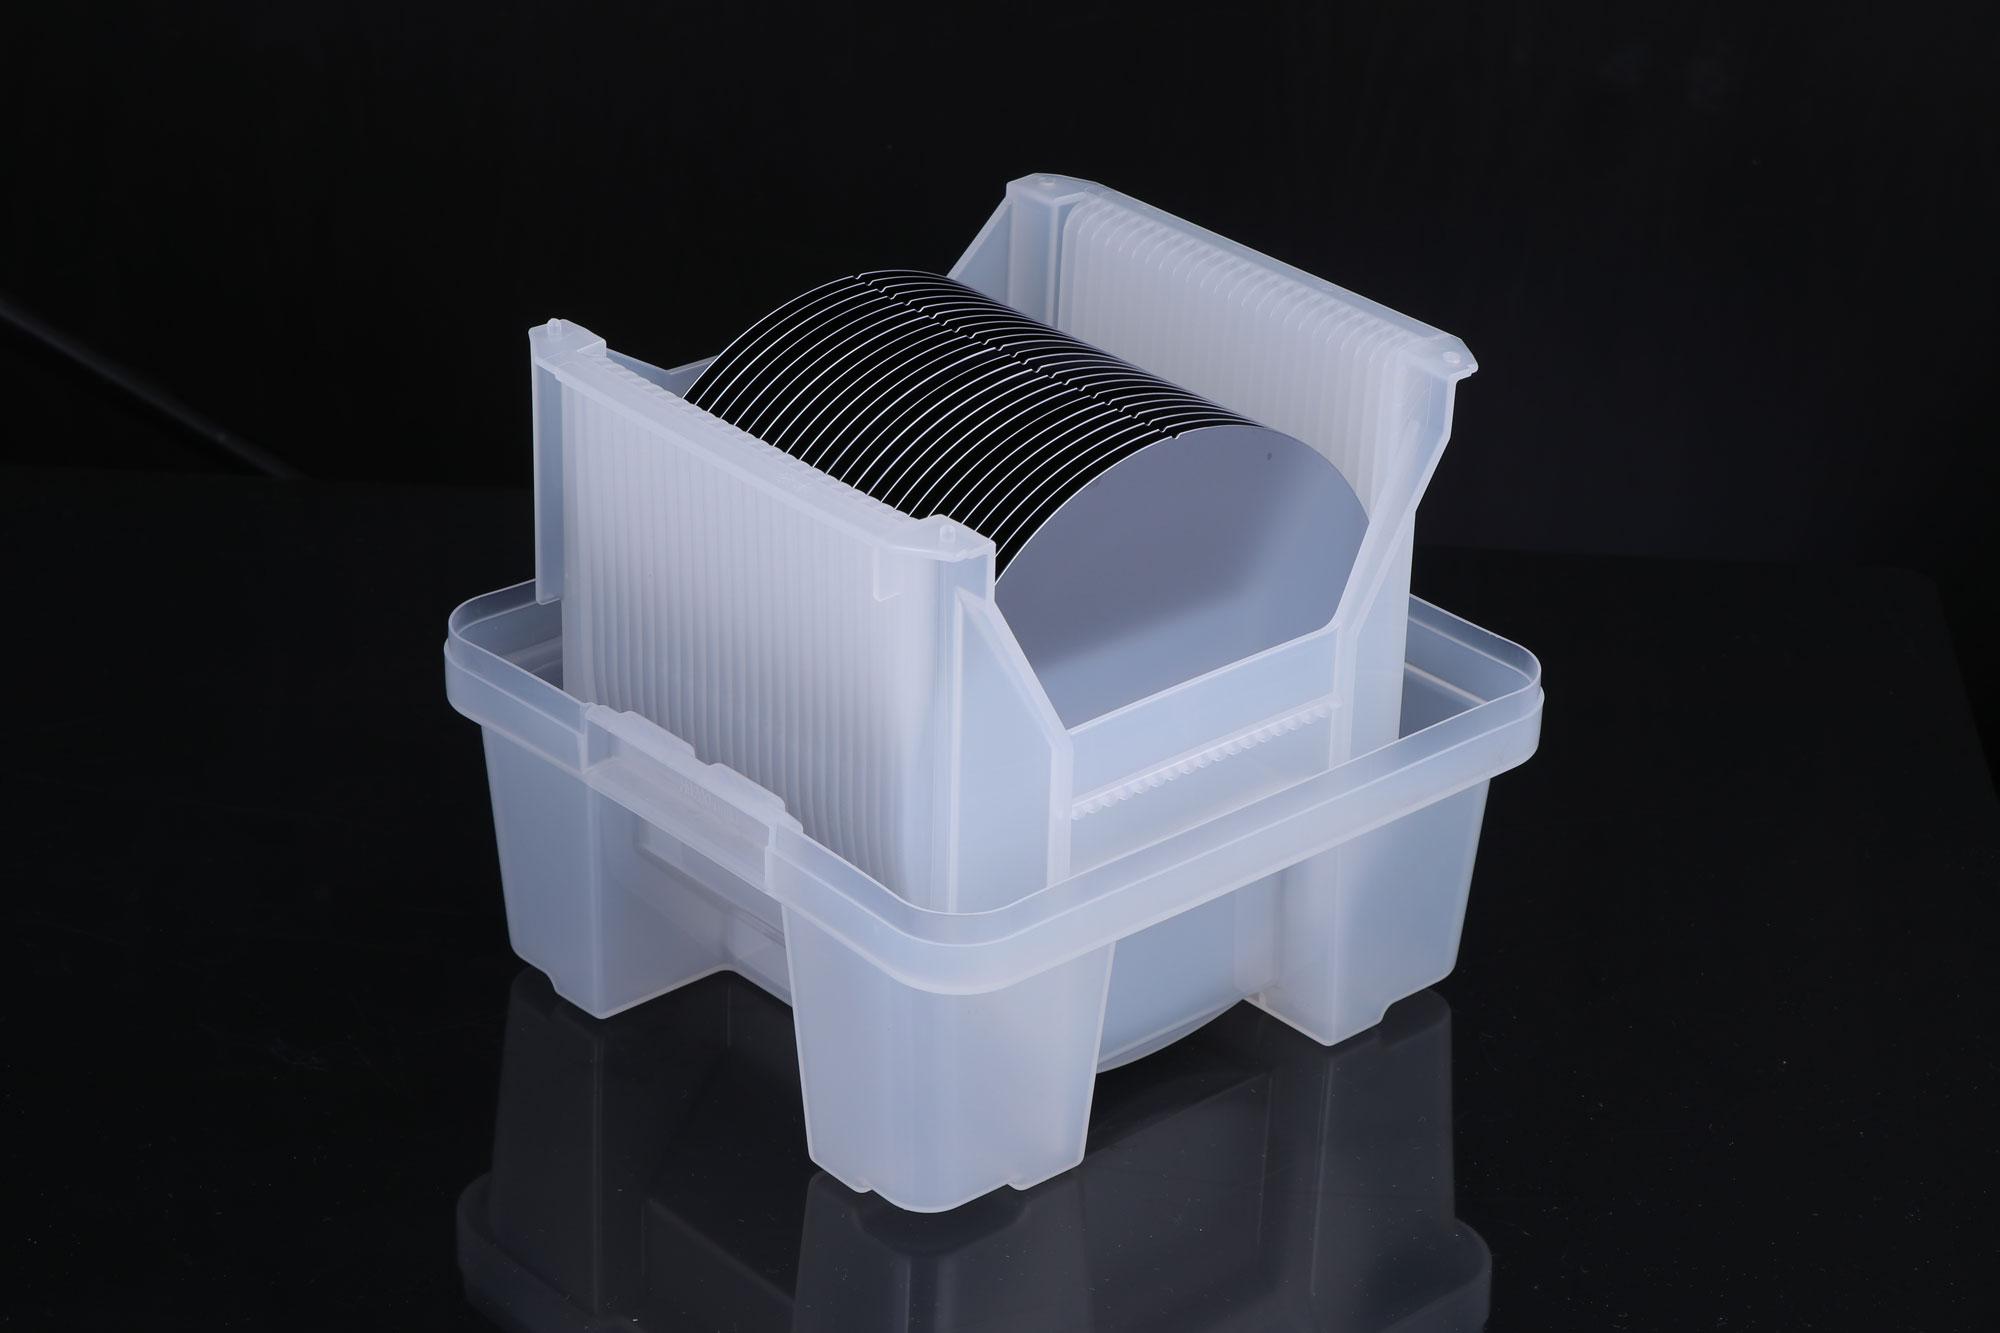 供应8寸晶圆切割小方片硅片——购买销量好的8英寸半导体单晶硅抛光片优选森烁科技